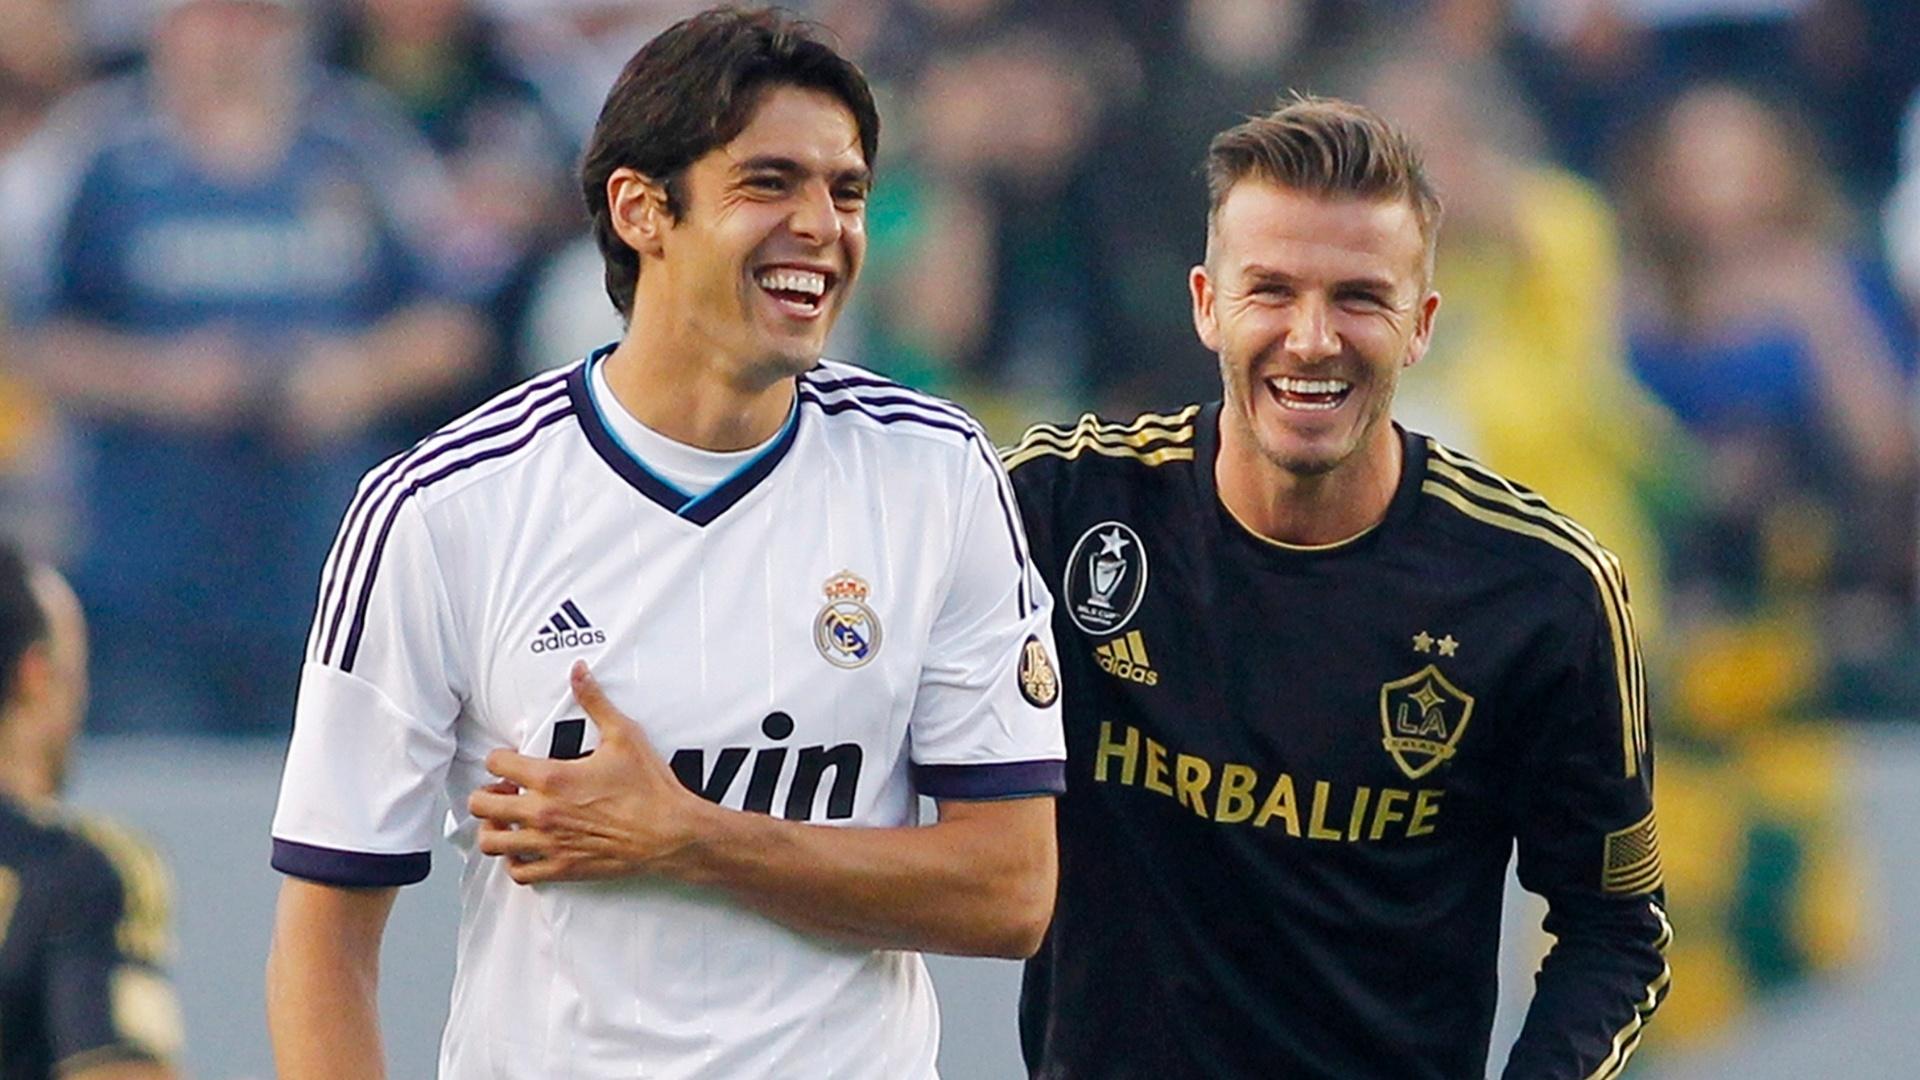 Antes da partida, o astro inglês David Beckham brincou com o brasileiro Kaká; no final 5 a 1 Real Madrid